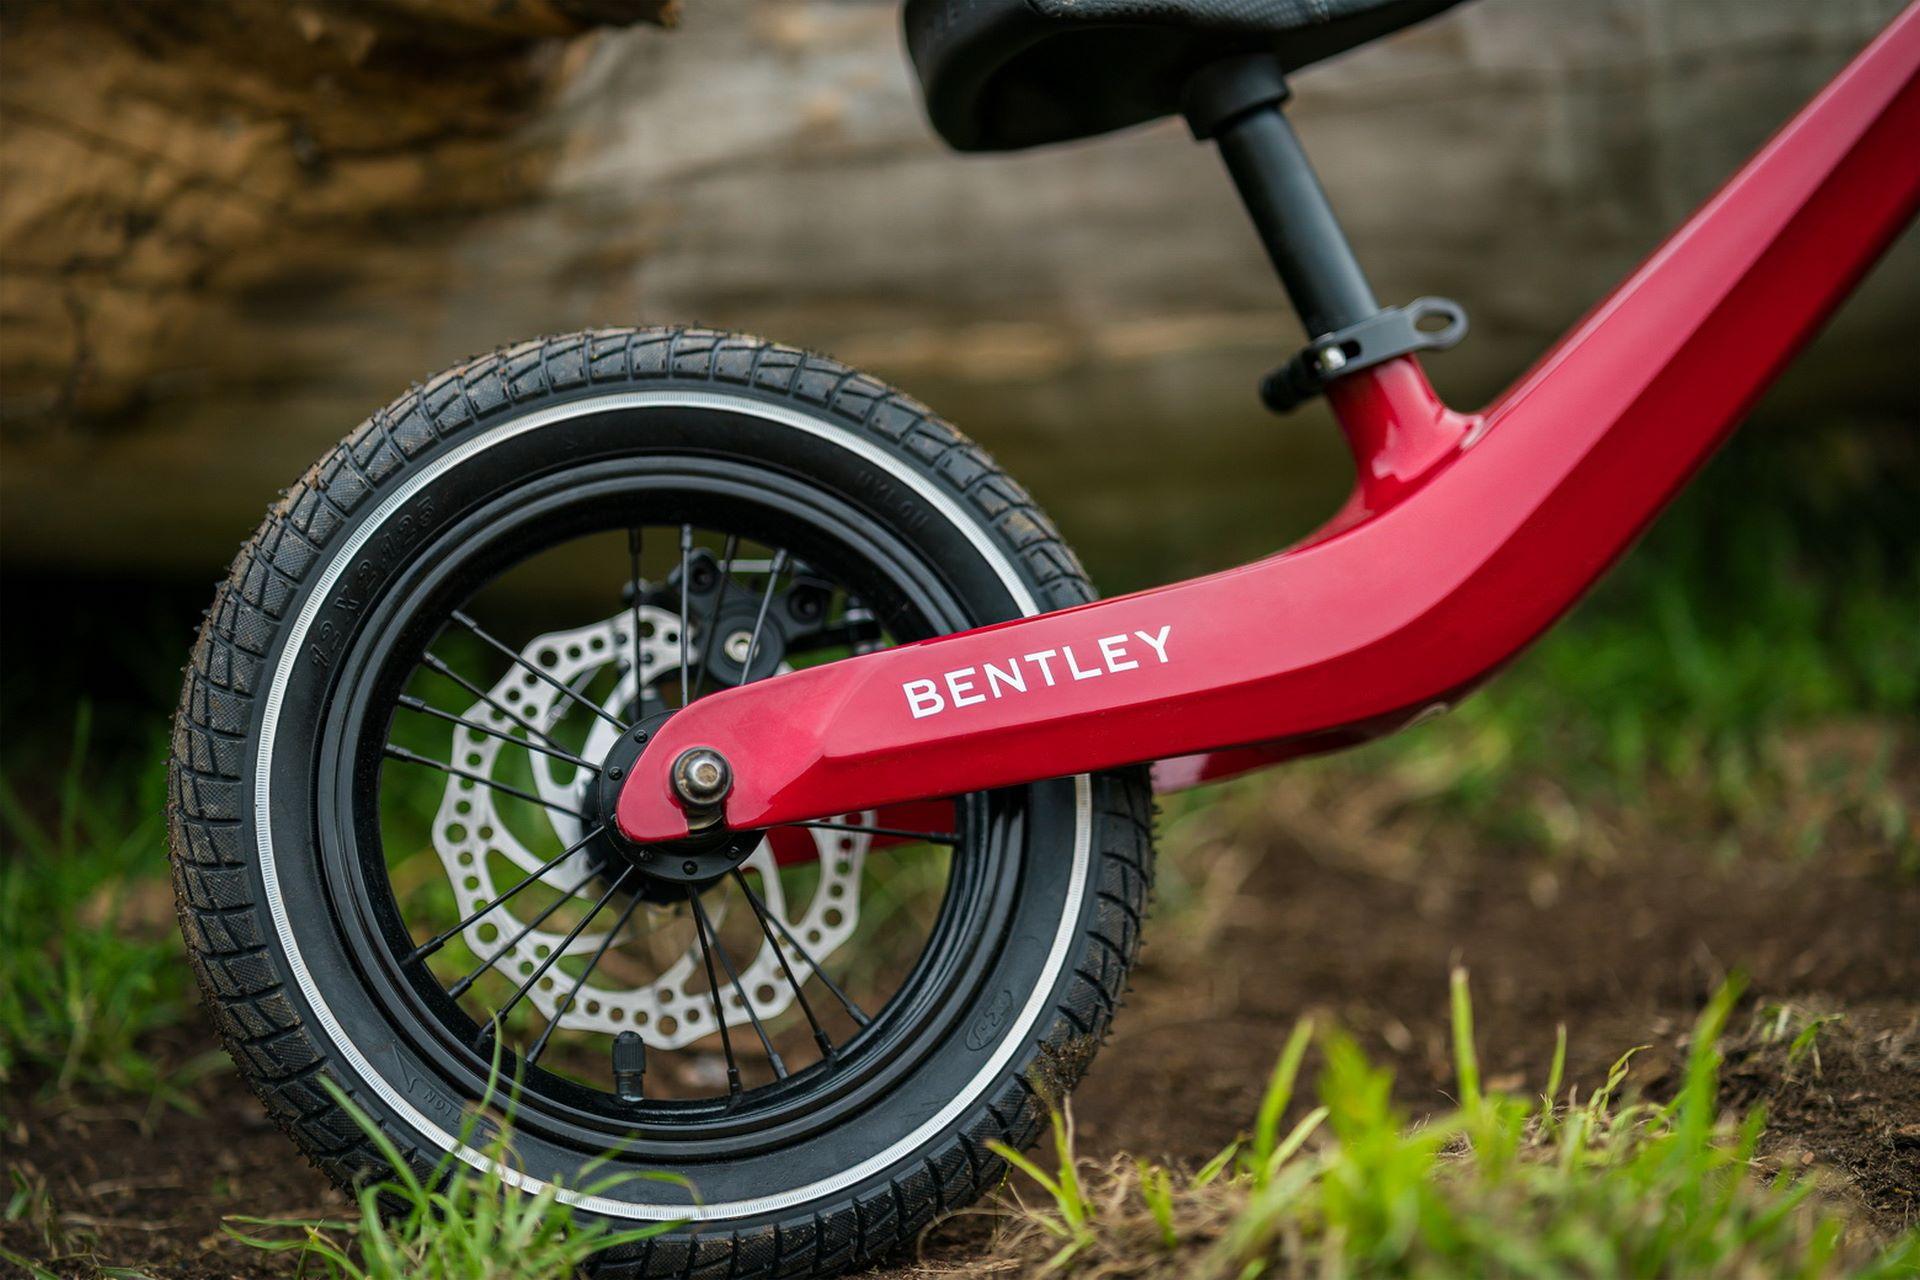 Bentley-Balance-Bike-3